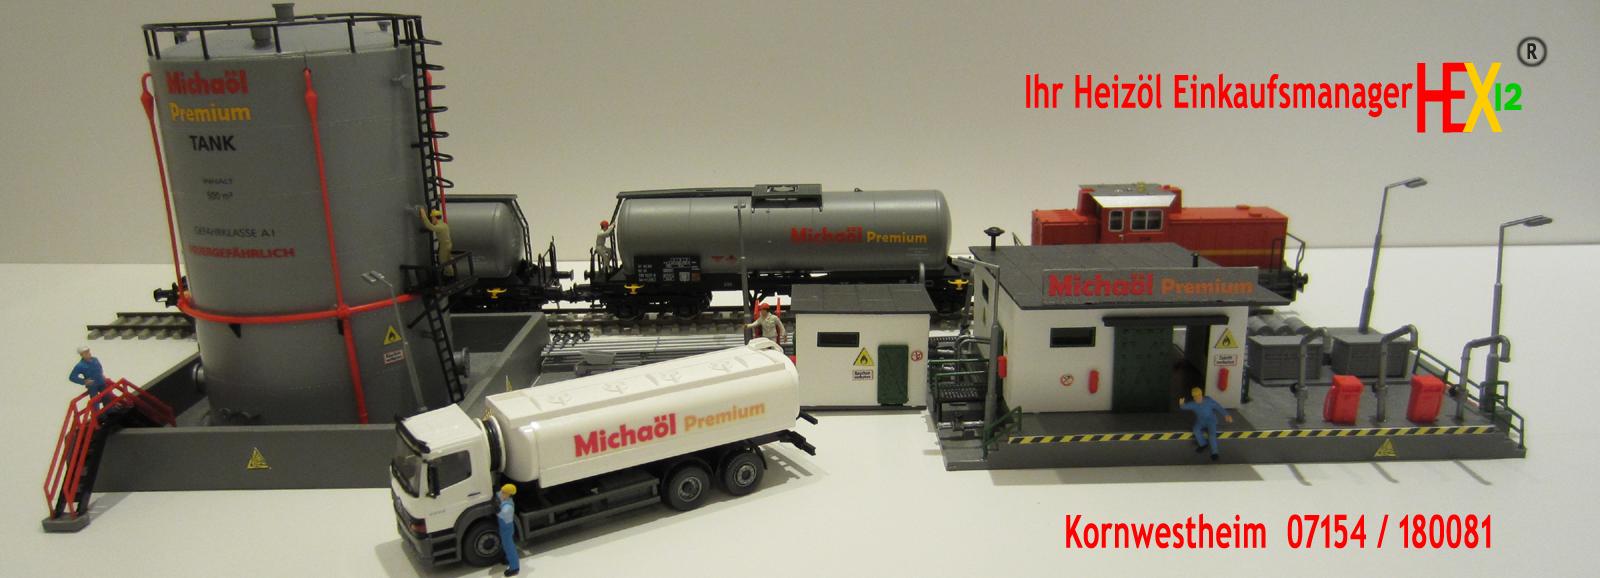 Michaöl Premium Tanklager Heizöl Einkaufsmanager Index HEX12